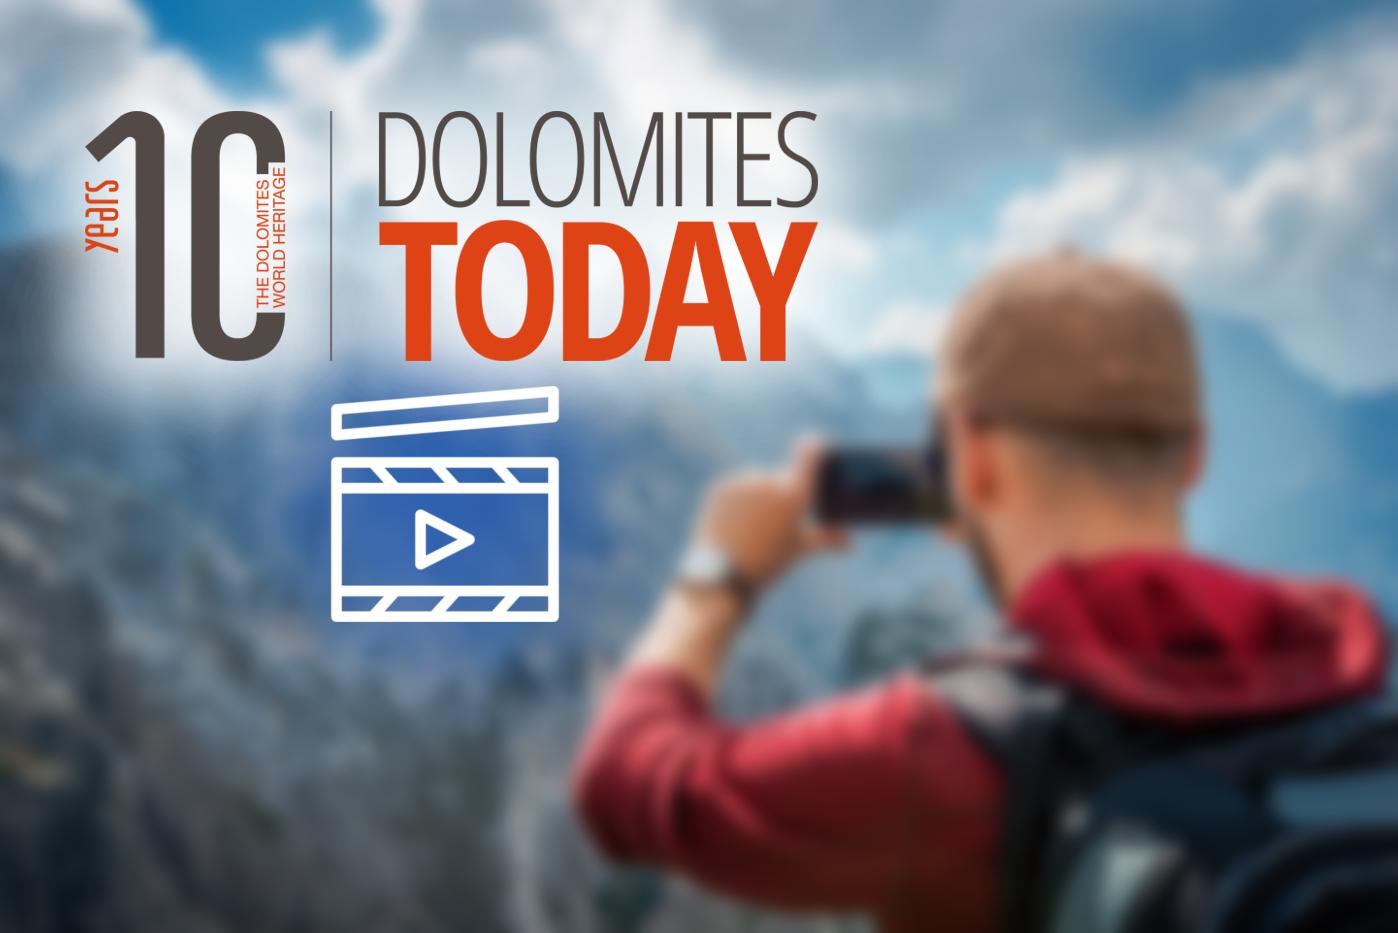 dolomites-today